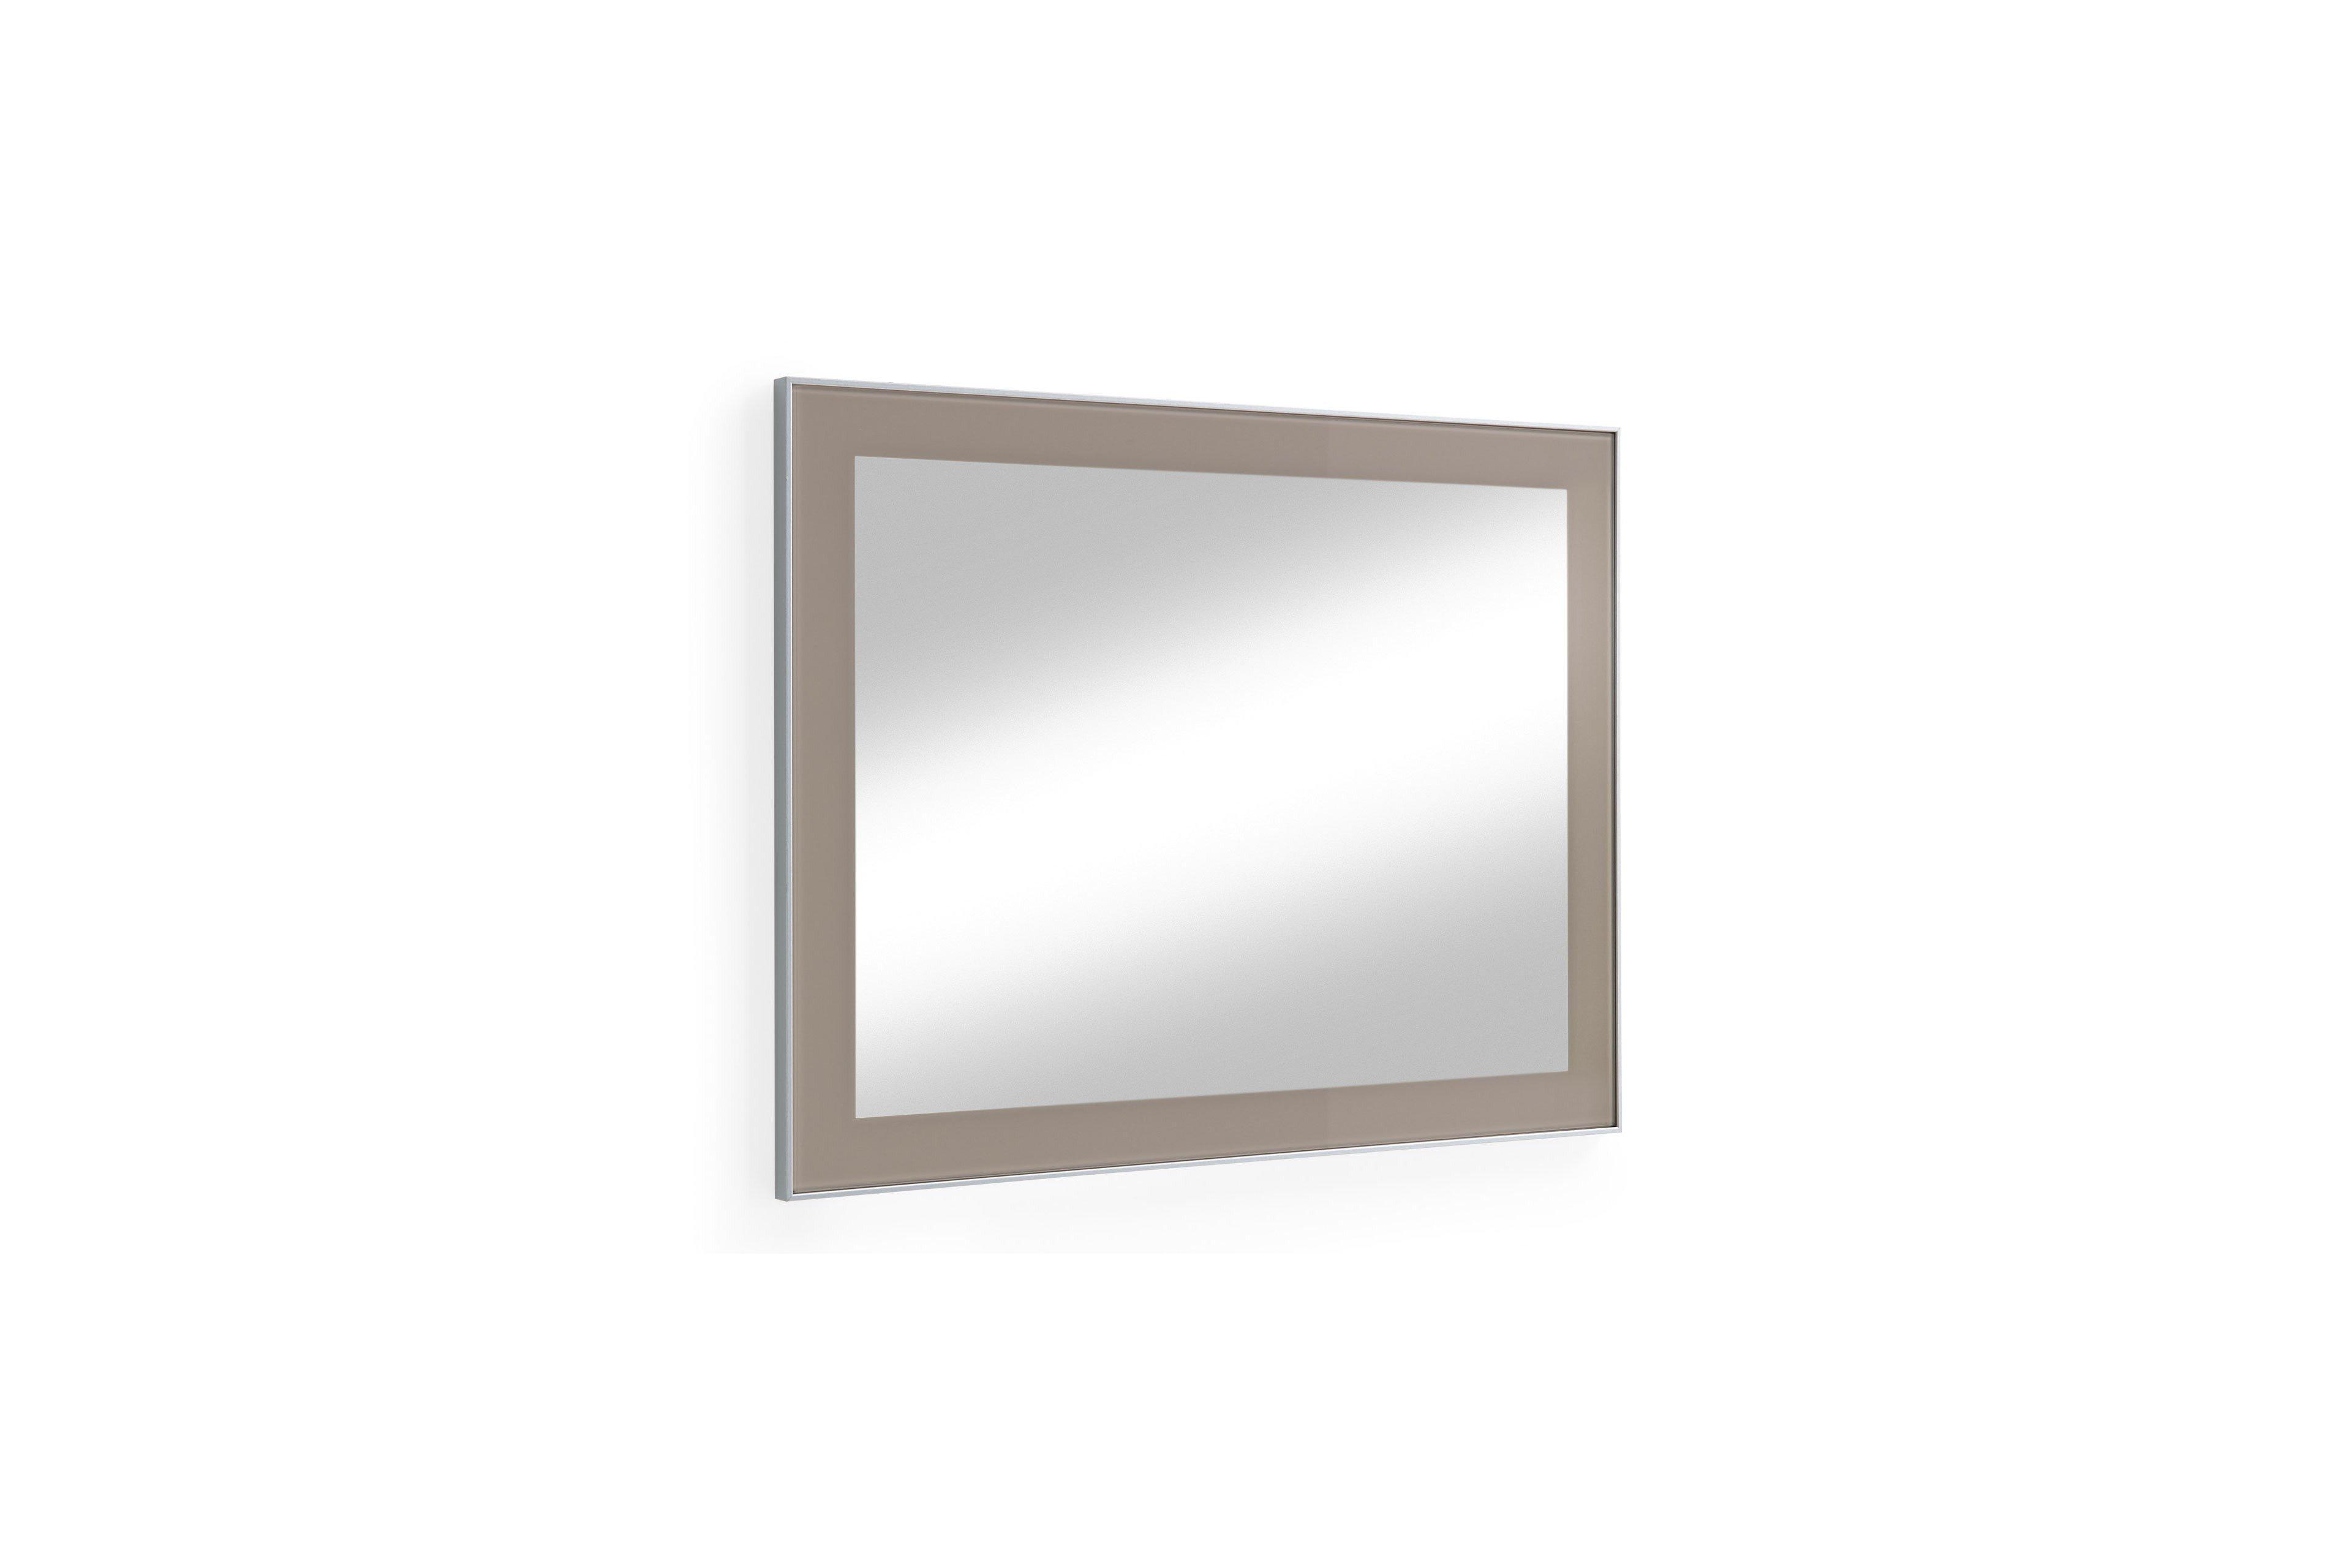 Voss Spiegel Santina mit taupefarbigem Rahmen | Möbel Letz - Ihr ...